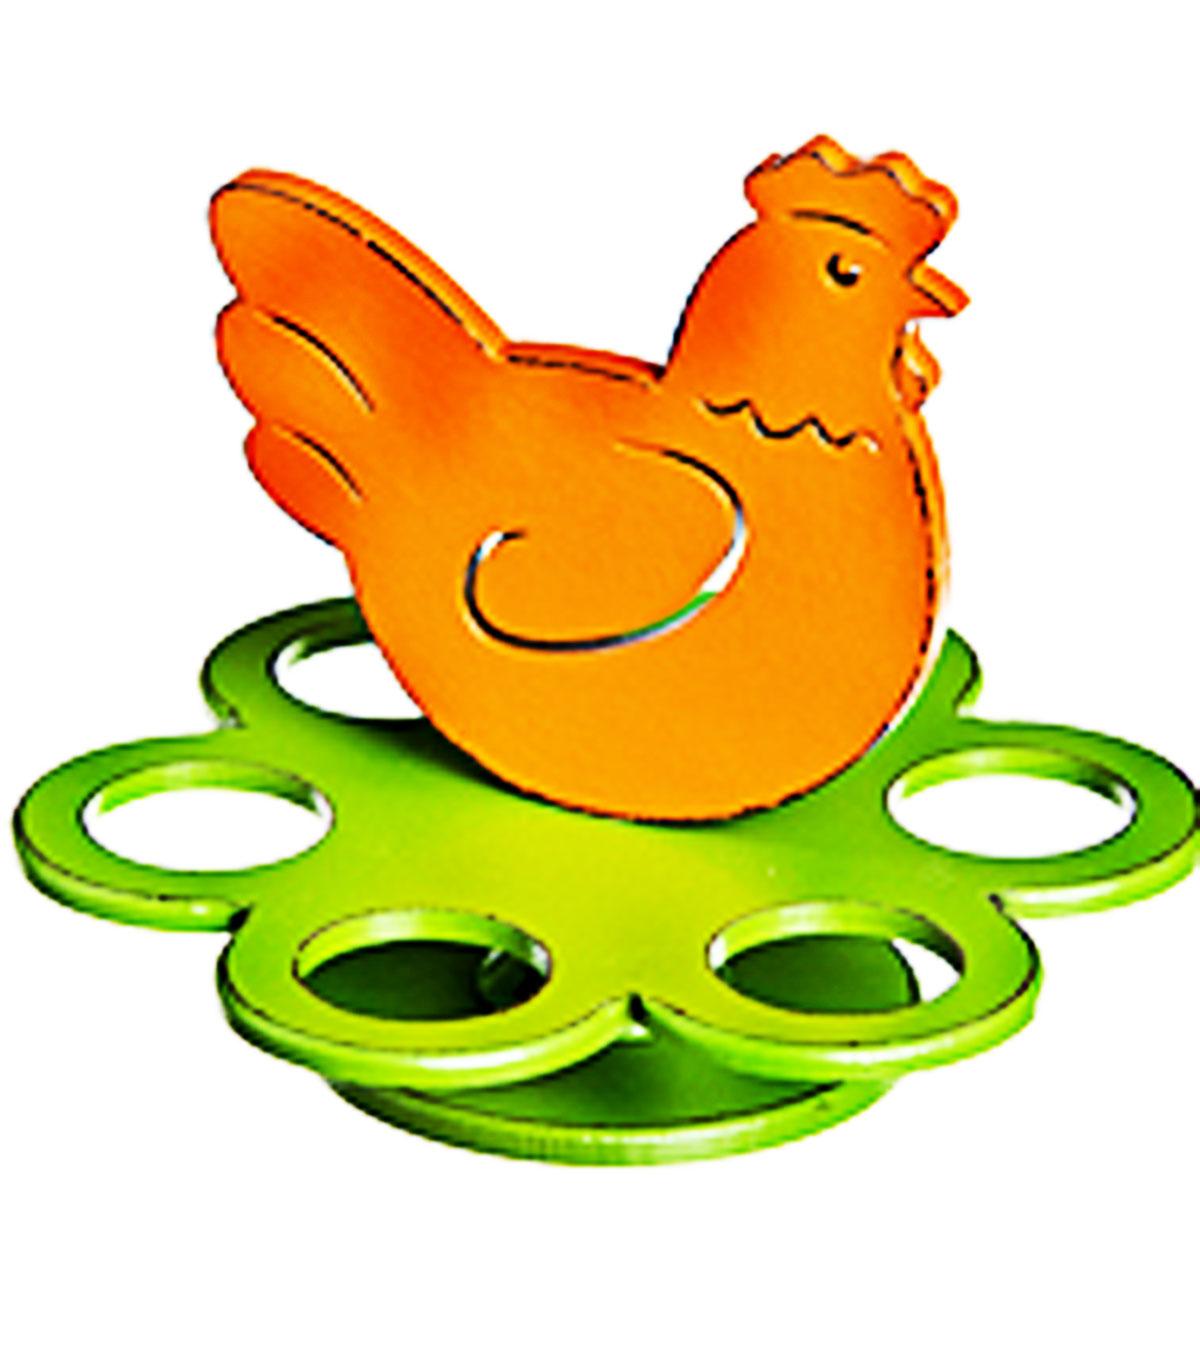 Подставка под яйца Home Queen Курочка, цвет: зеленый, оранжевый, 6 ячеек подставка под яйца home queen цвет желтый оранжевый 2 ячейки